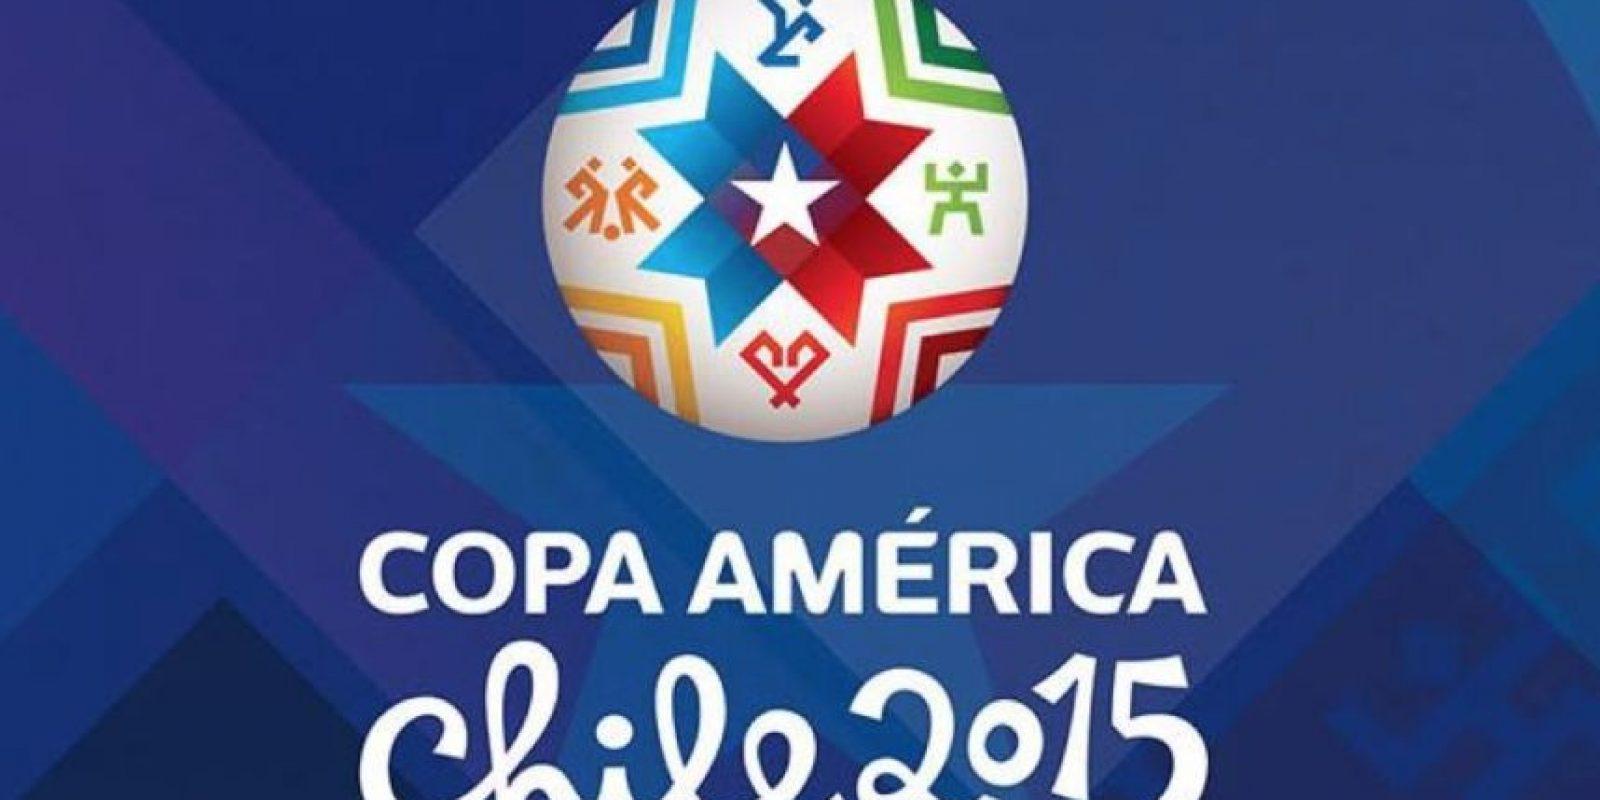 La Copa América 2015 va tomando forma. Foto:facebook.com/copaamerica